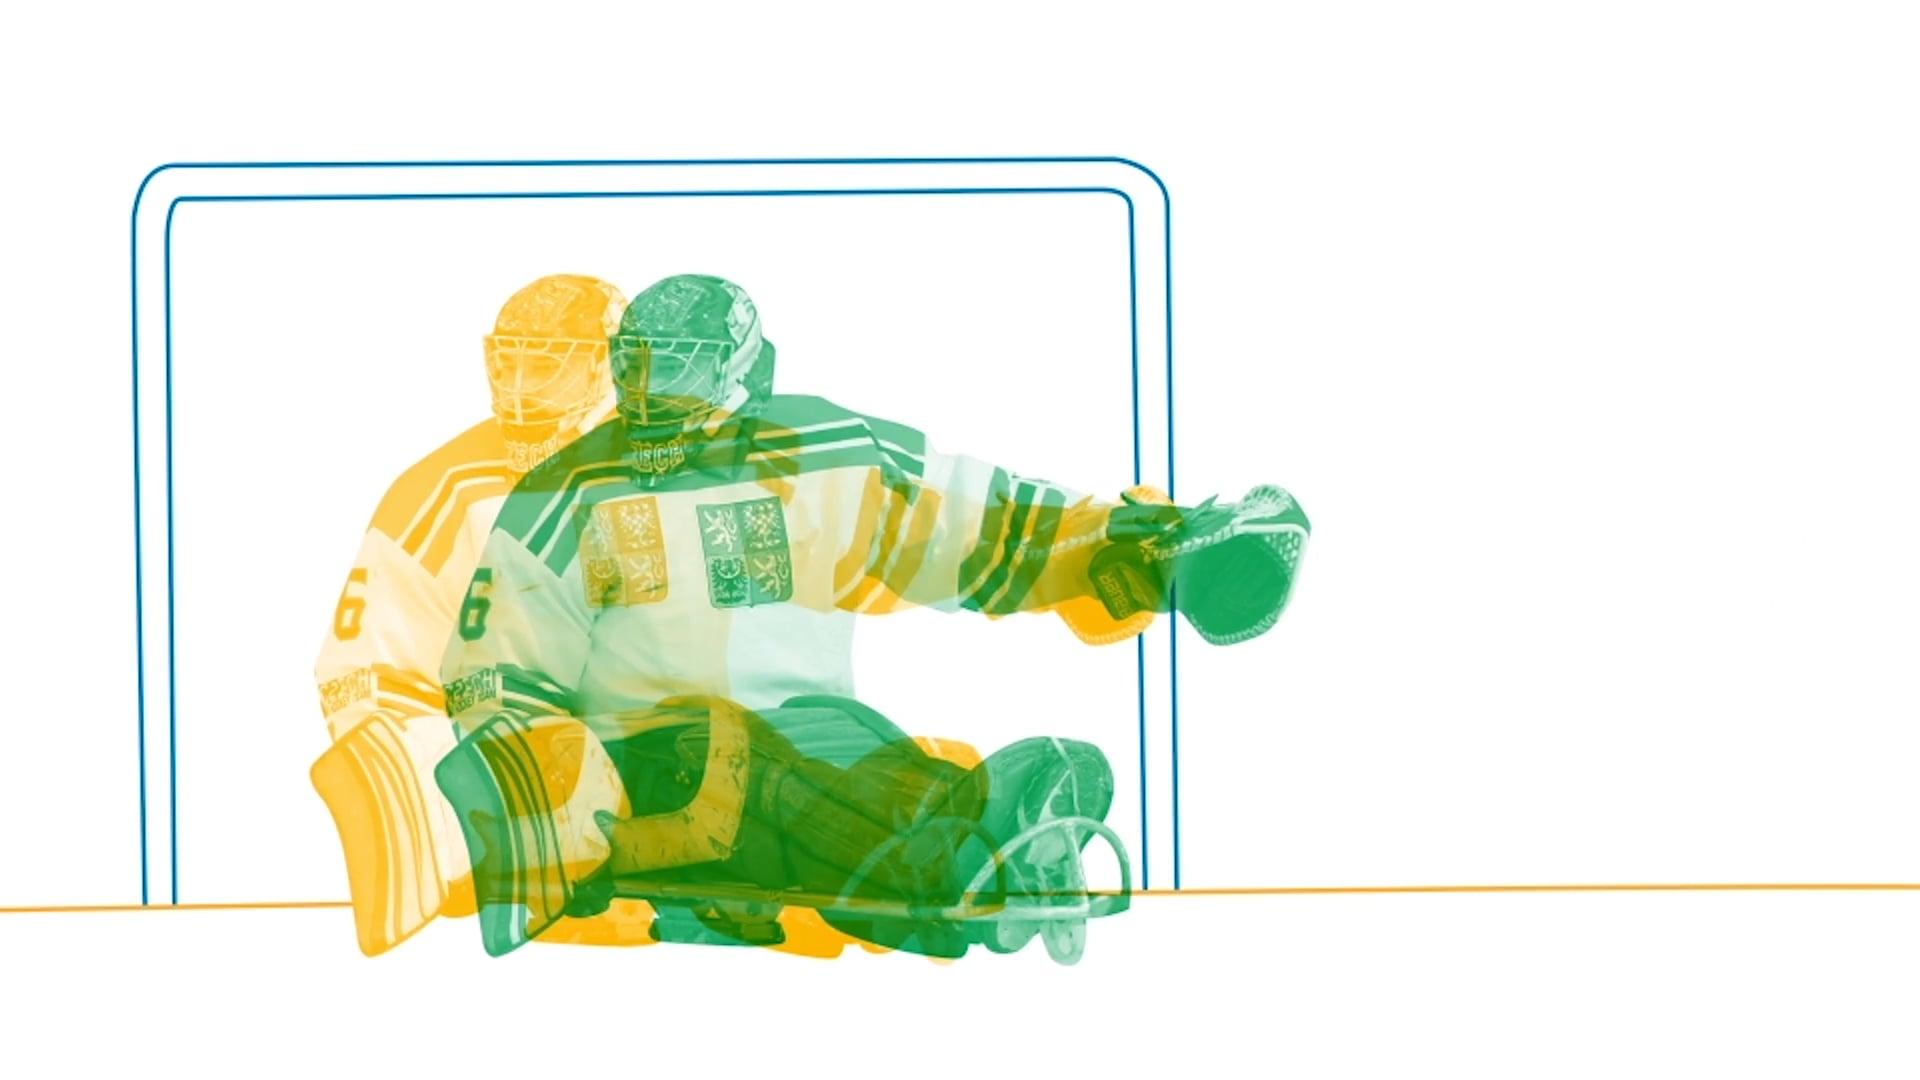 장애인 아이스 하키 (Para Ice Hockey)